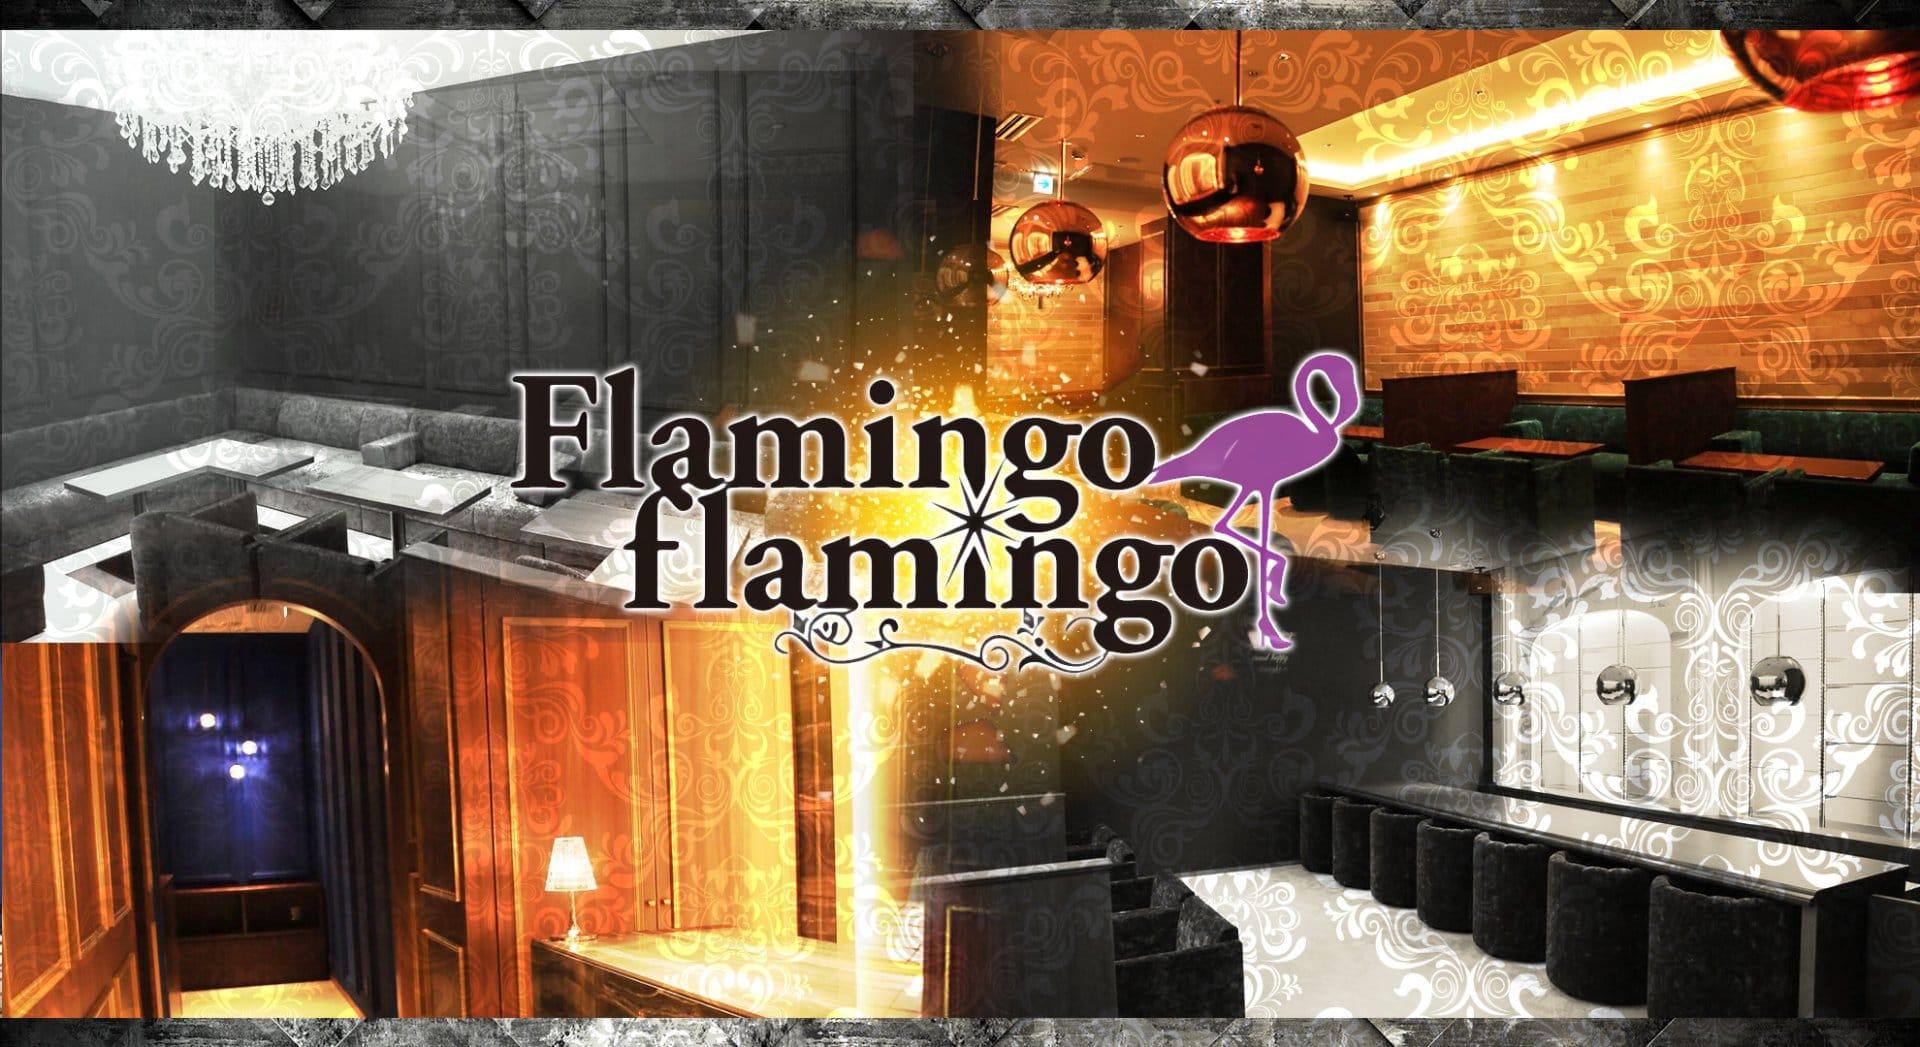 flamingo flamingo(フラミンゴ フラミンゴ) 中洲キャバクラ TOP画像